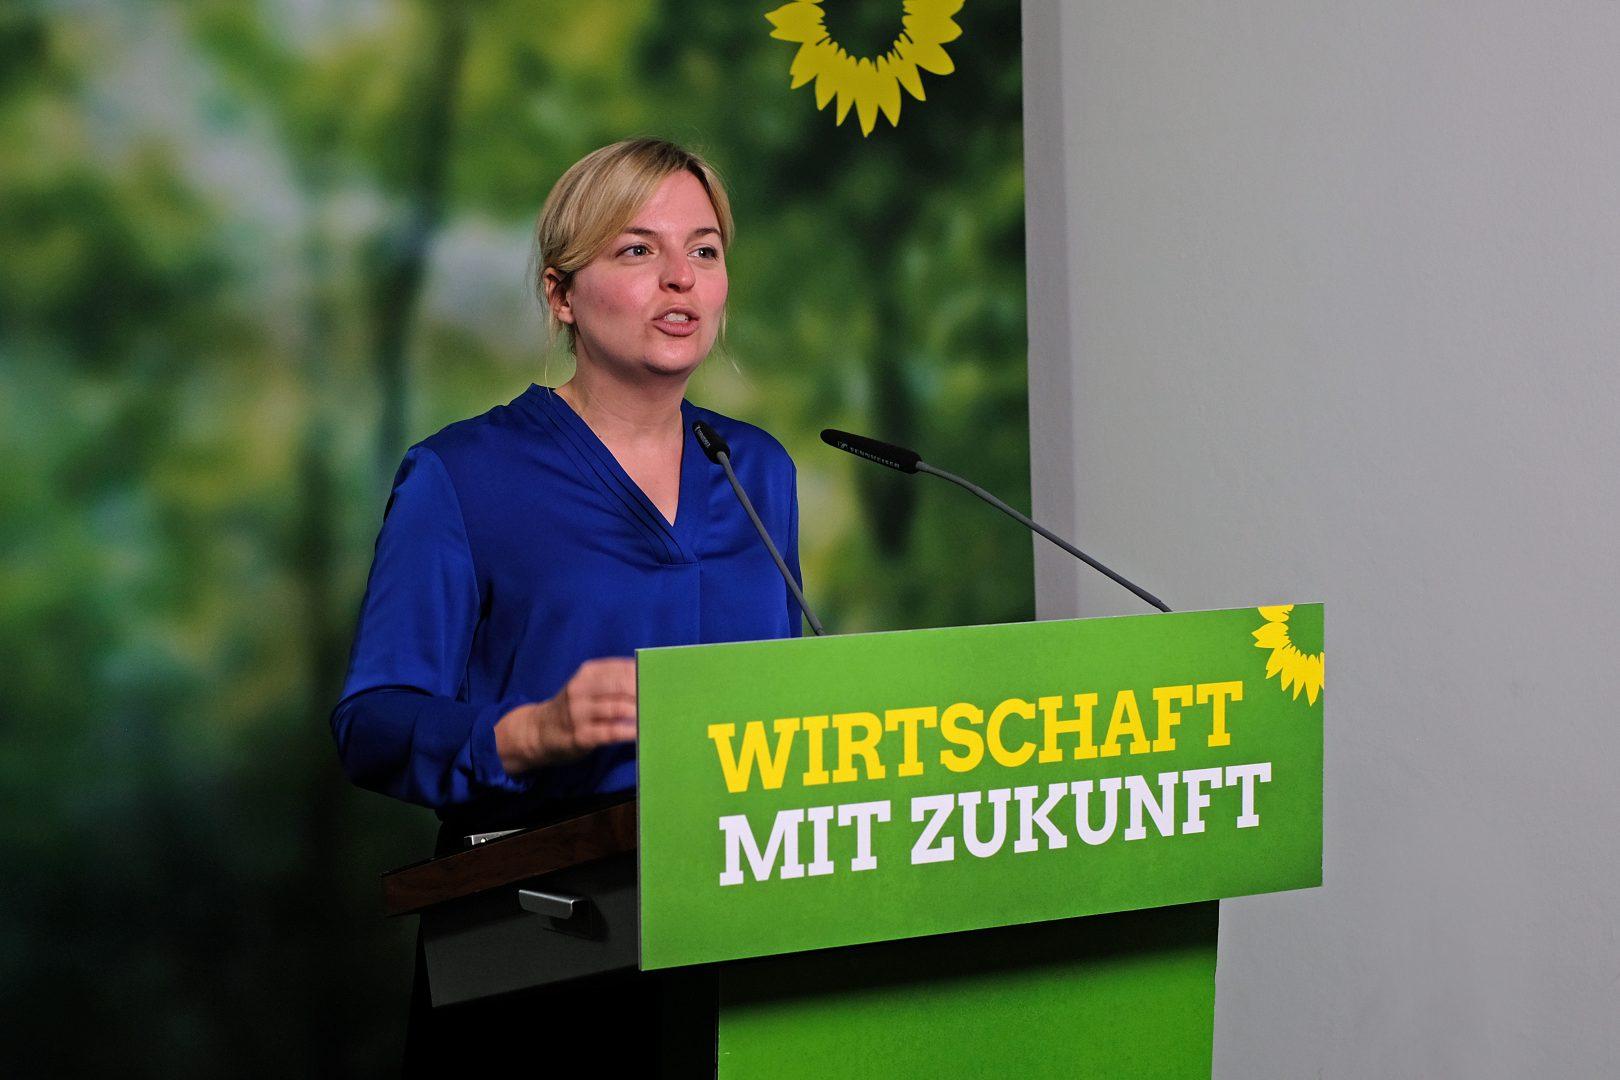 Fraktionsvorsitzende Katharina Schulze während ihrer Rede zur Wirtschaft mit Zukunft